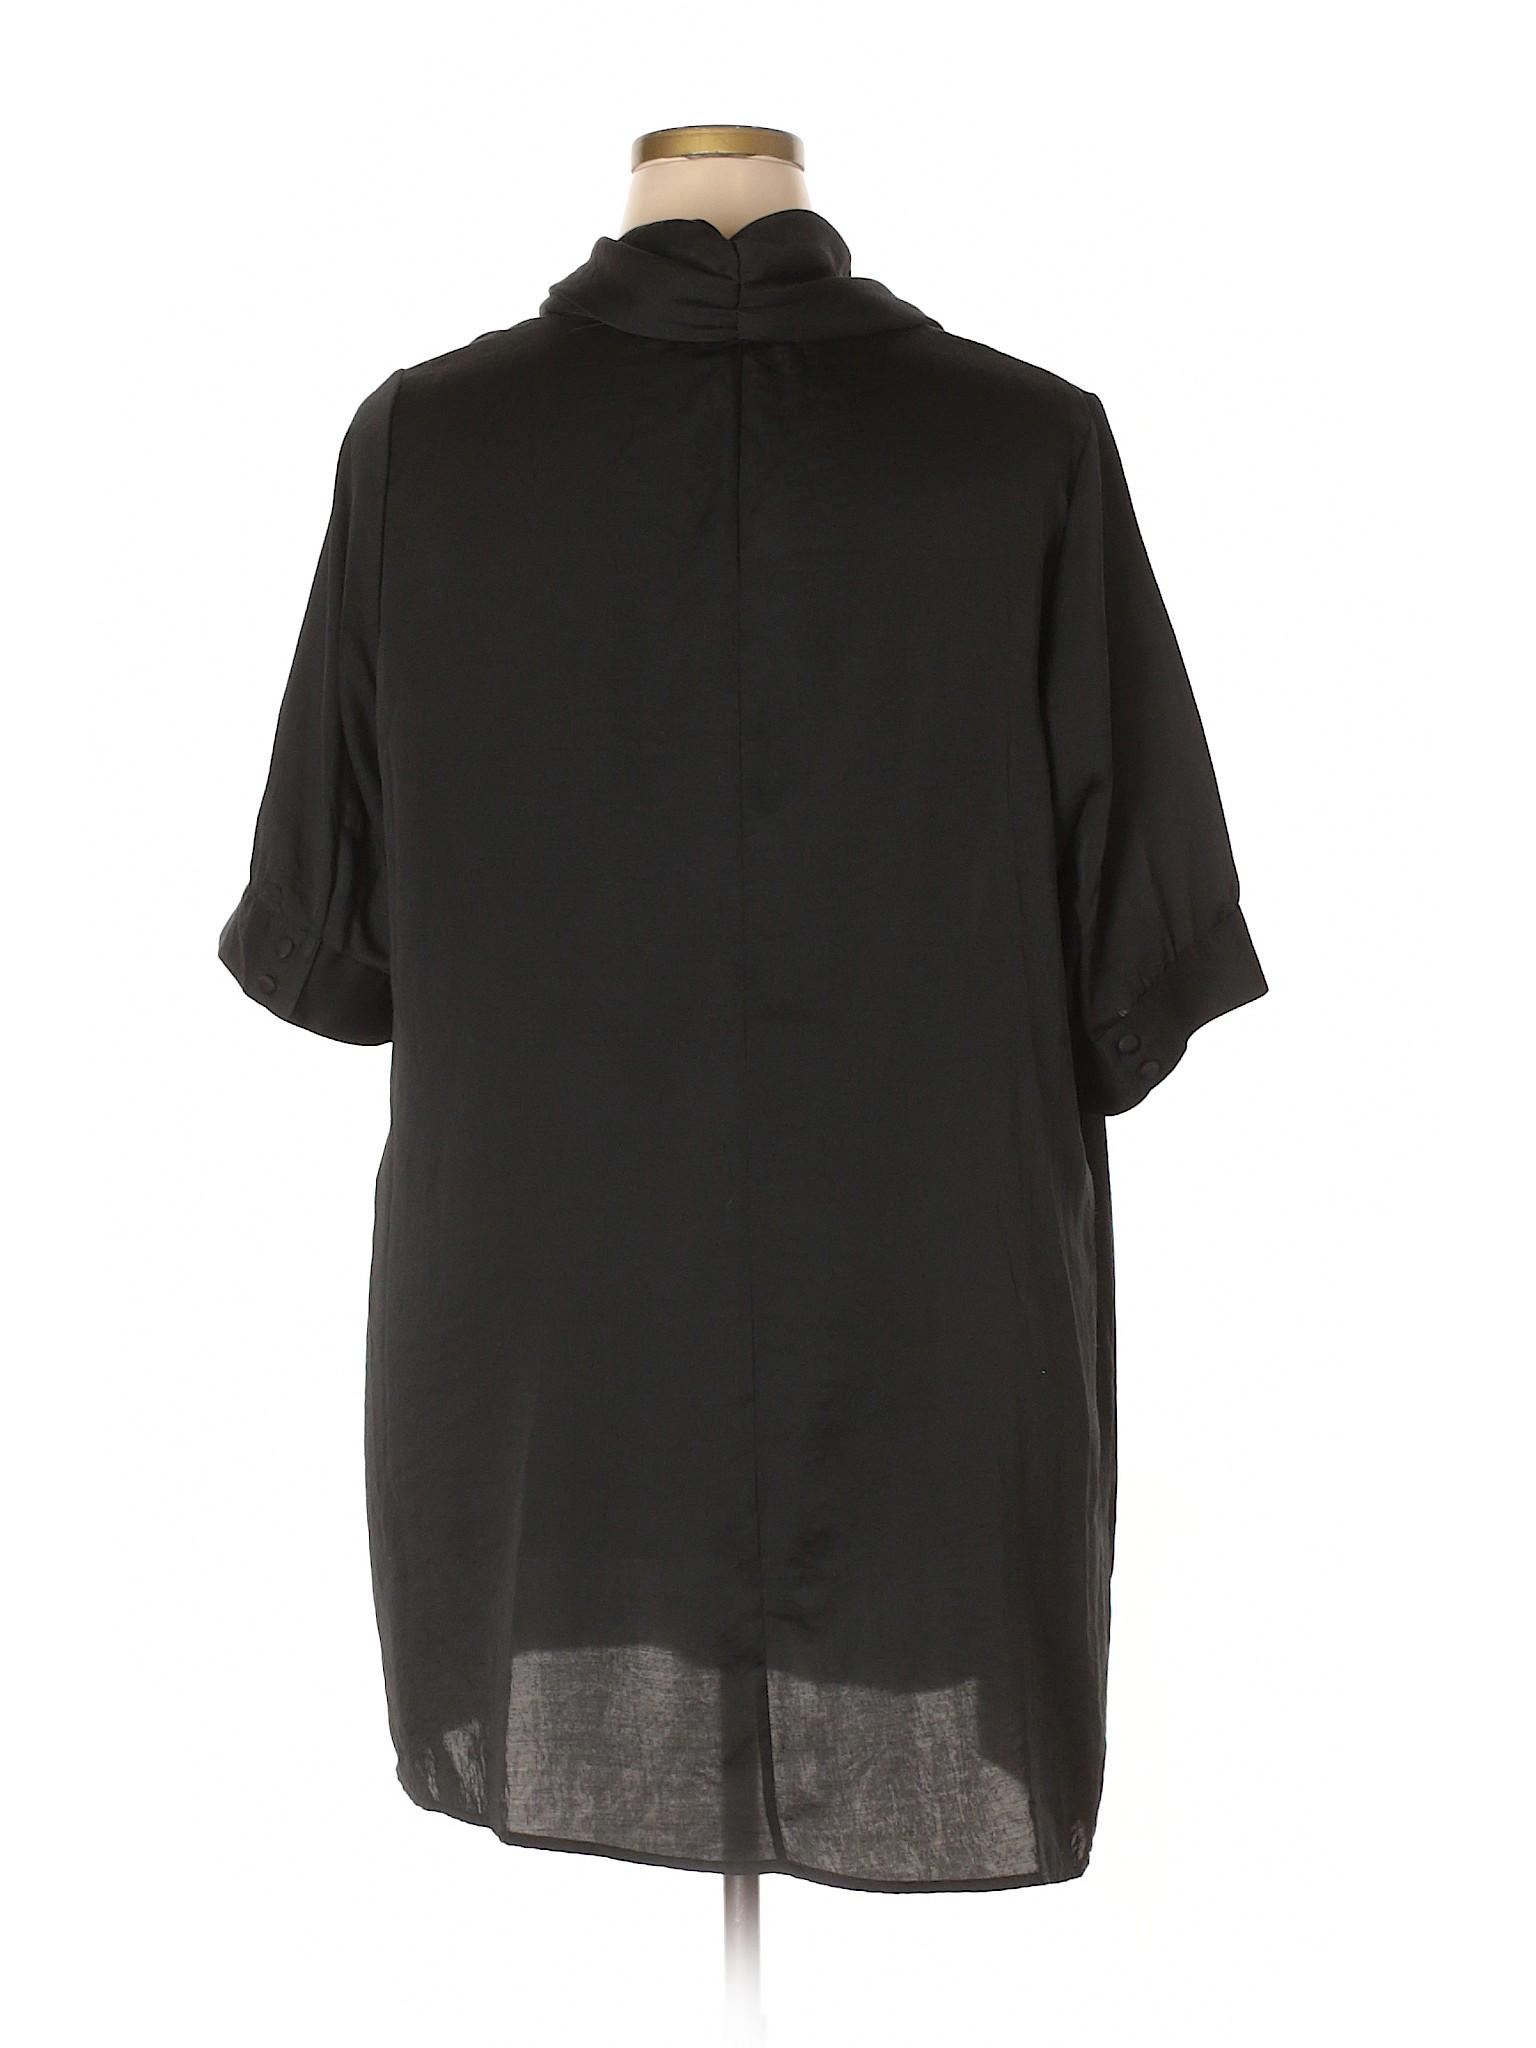 Dress Dress Lane Lane Selling Casual Lane Bryant Selling Bryant Casual Selling pvOq5aWpw